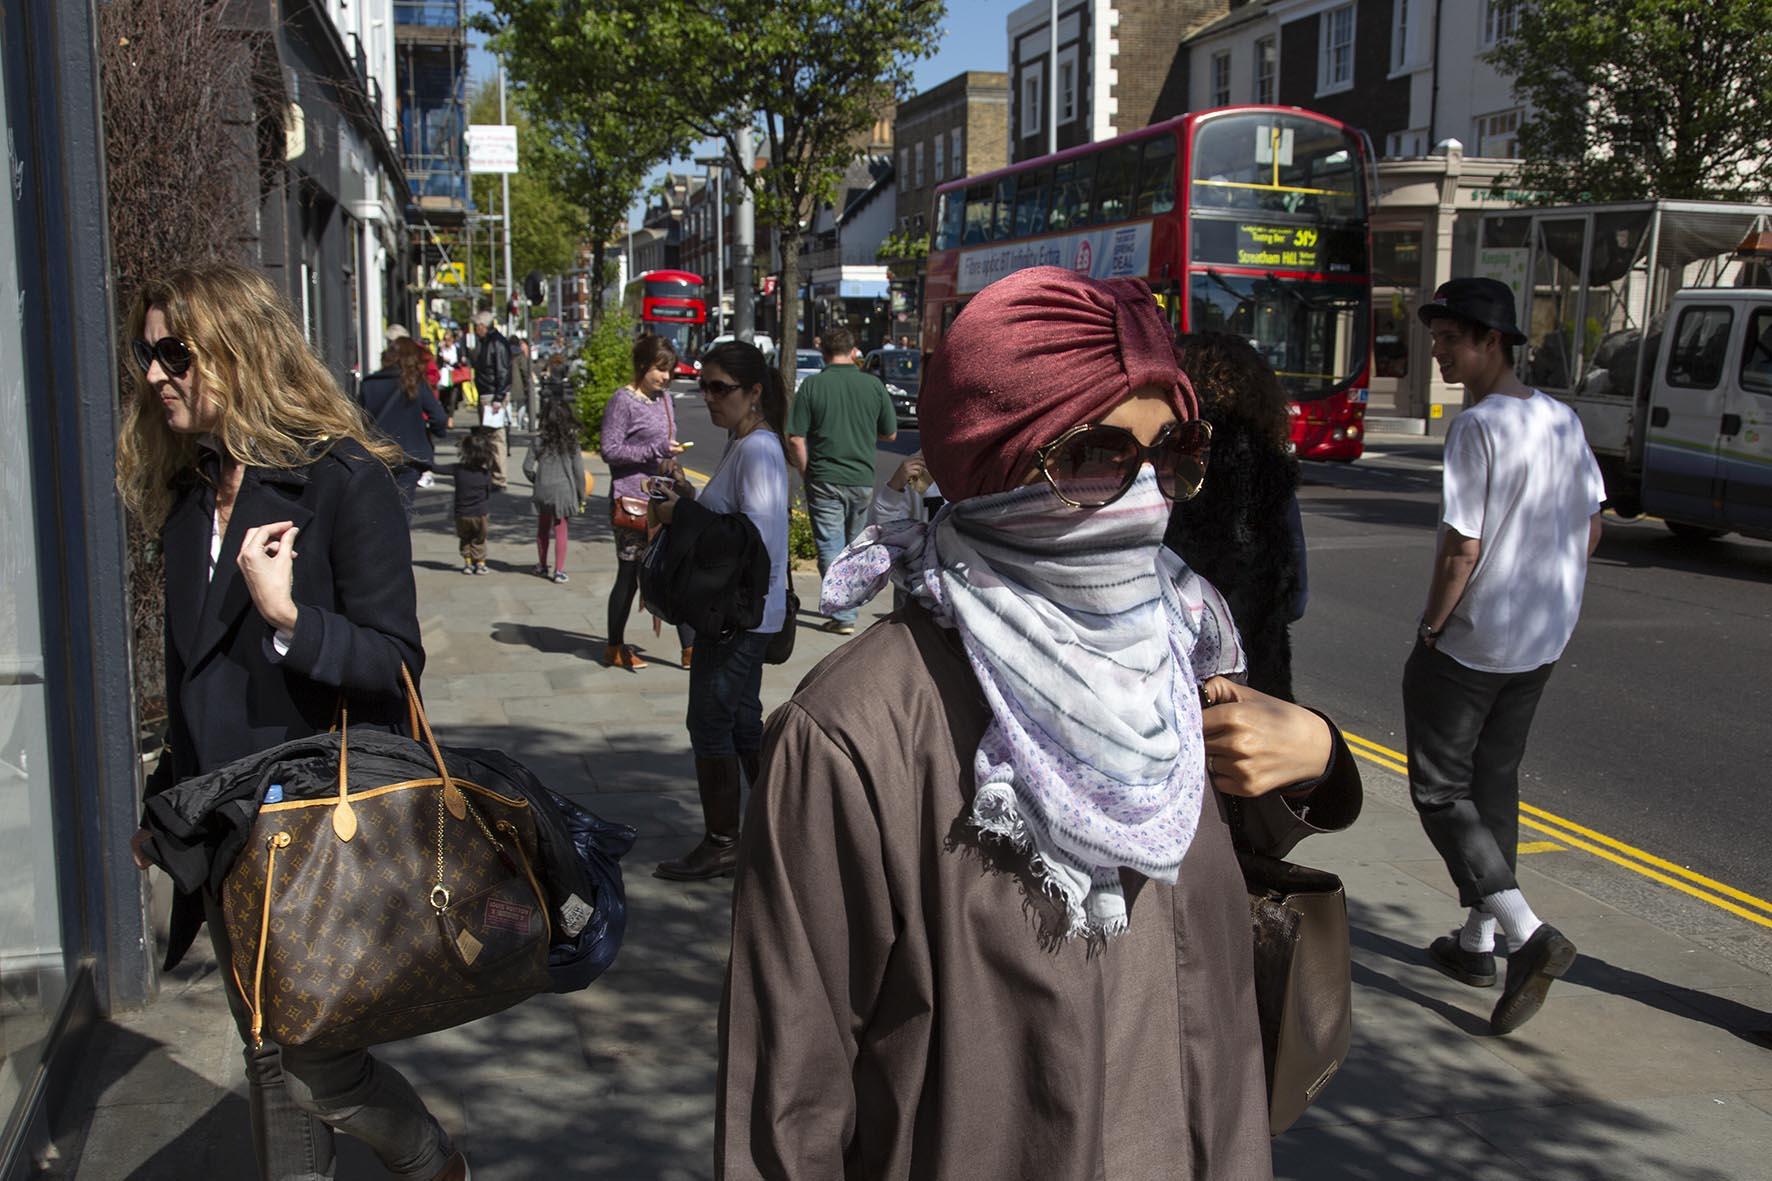 20140416_west london wealth chelsea kings road_C_crop.jpg